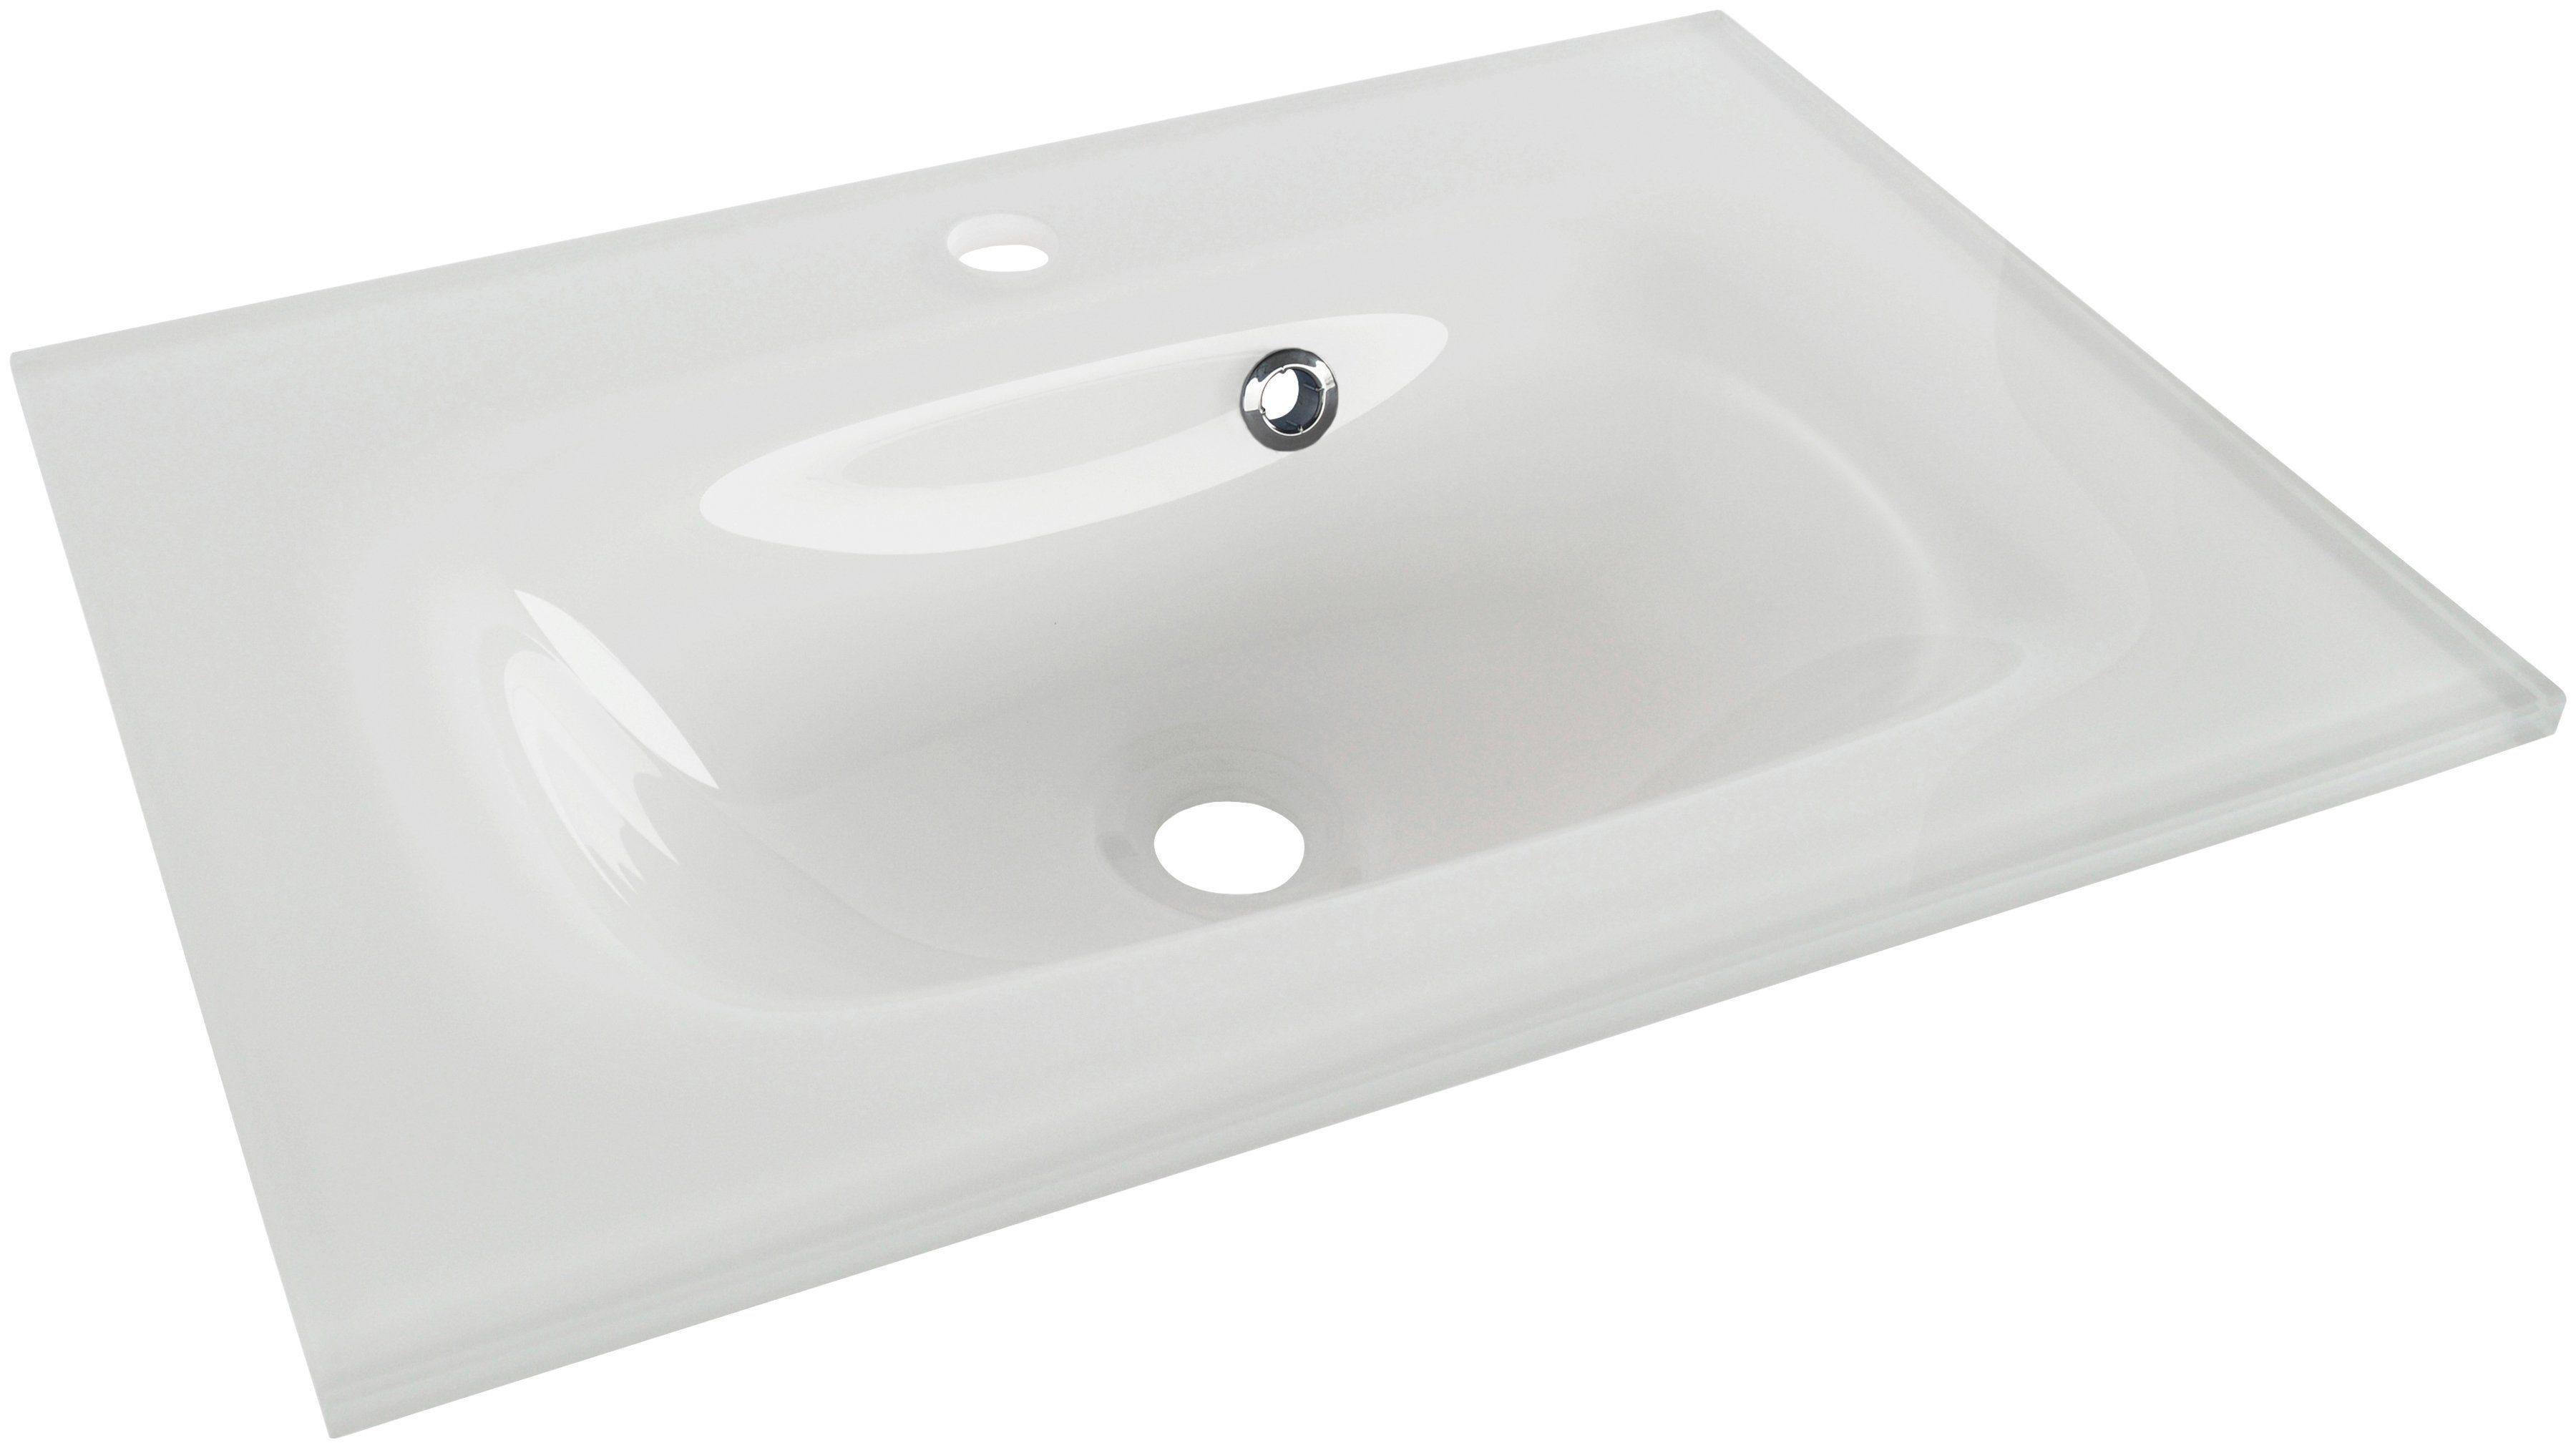 FACKELMANN Glas-Waschbecken »Yega«, Breite 60,5 cm